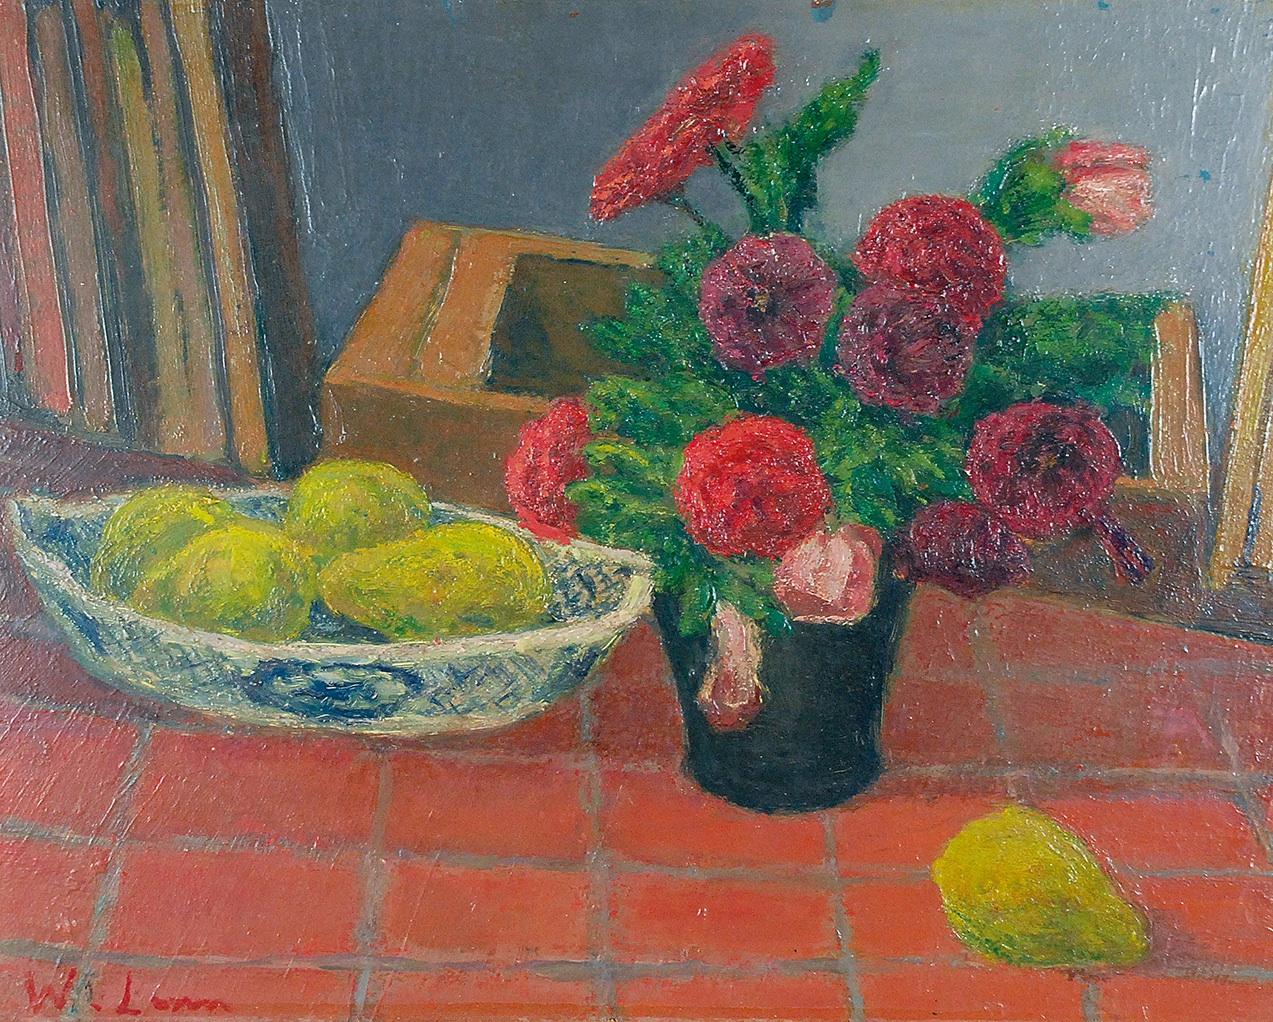 Martwa natura - kwiaty, ok. 1924